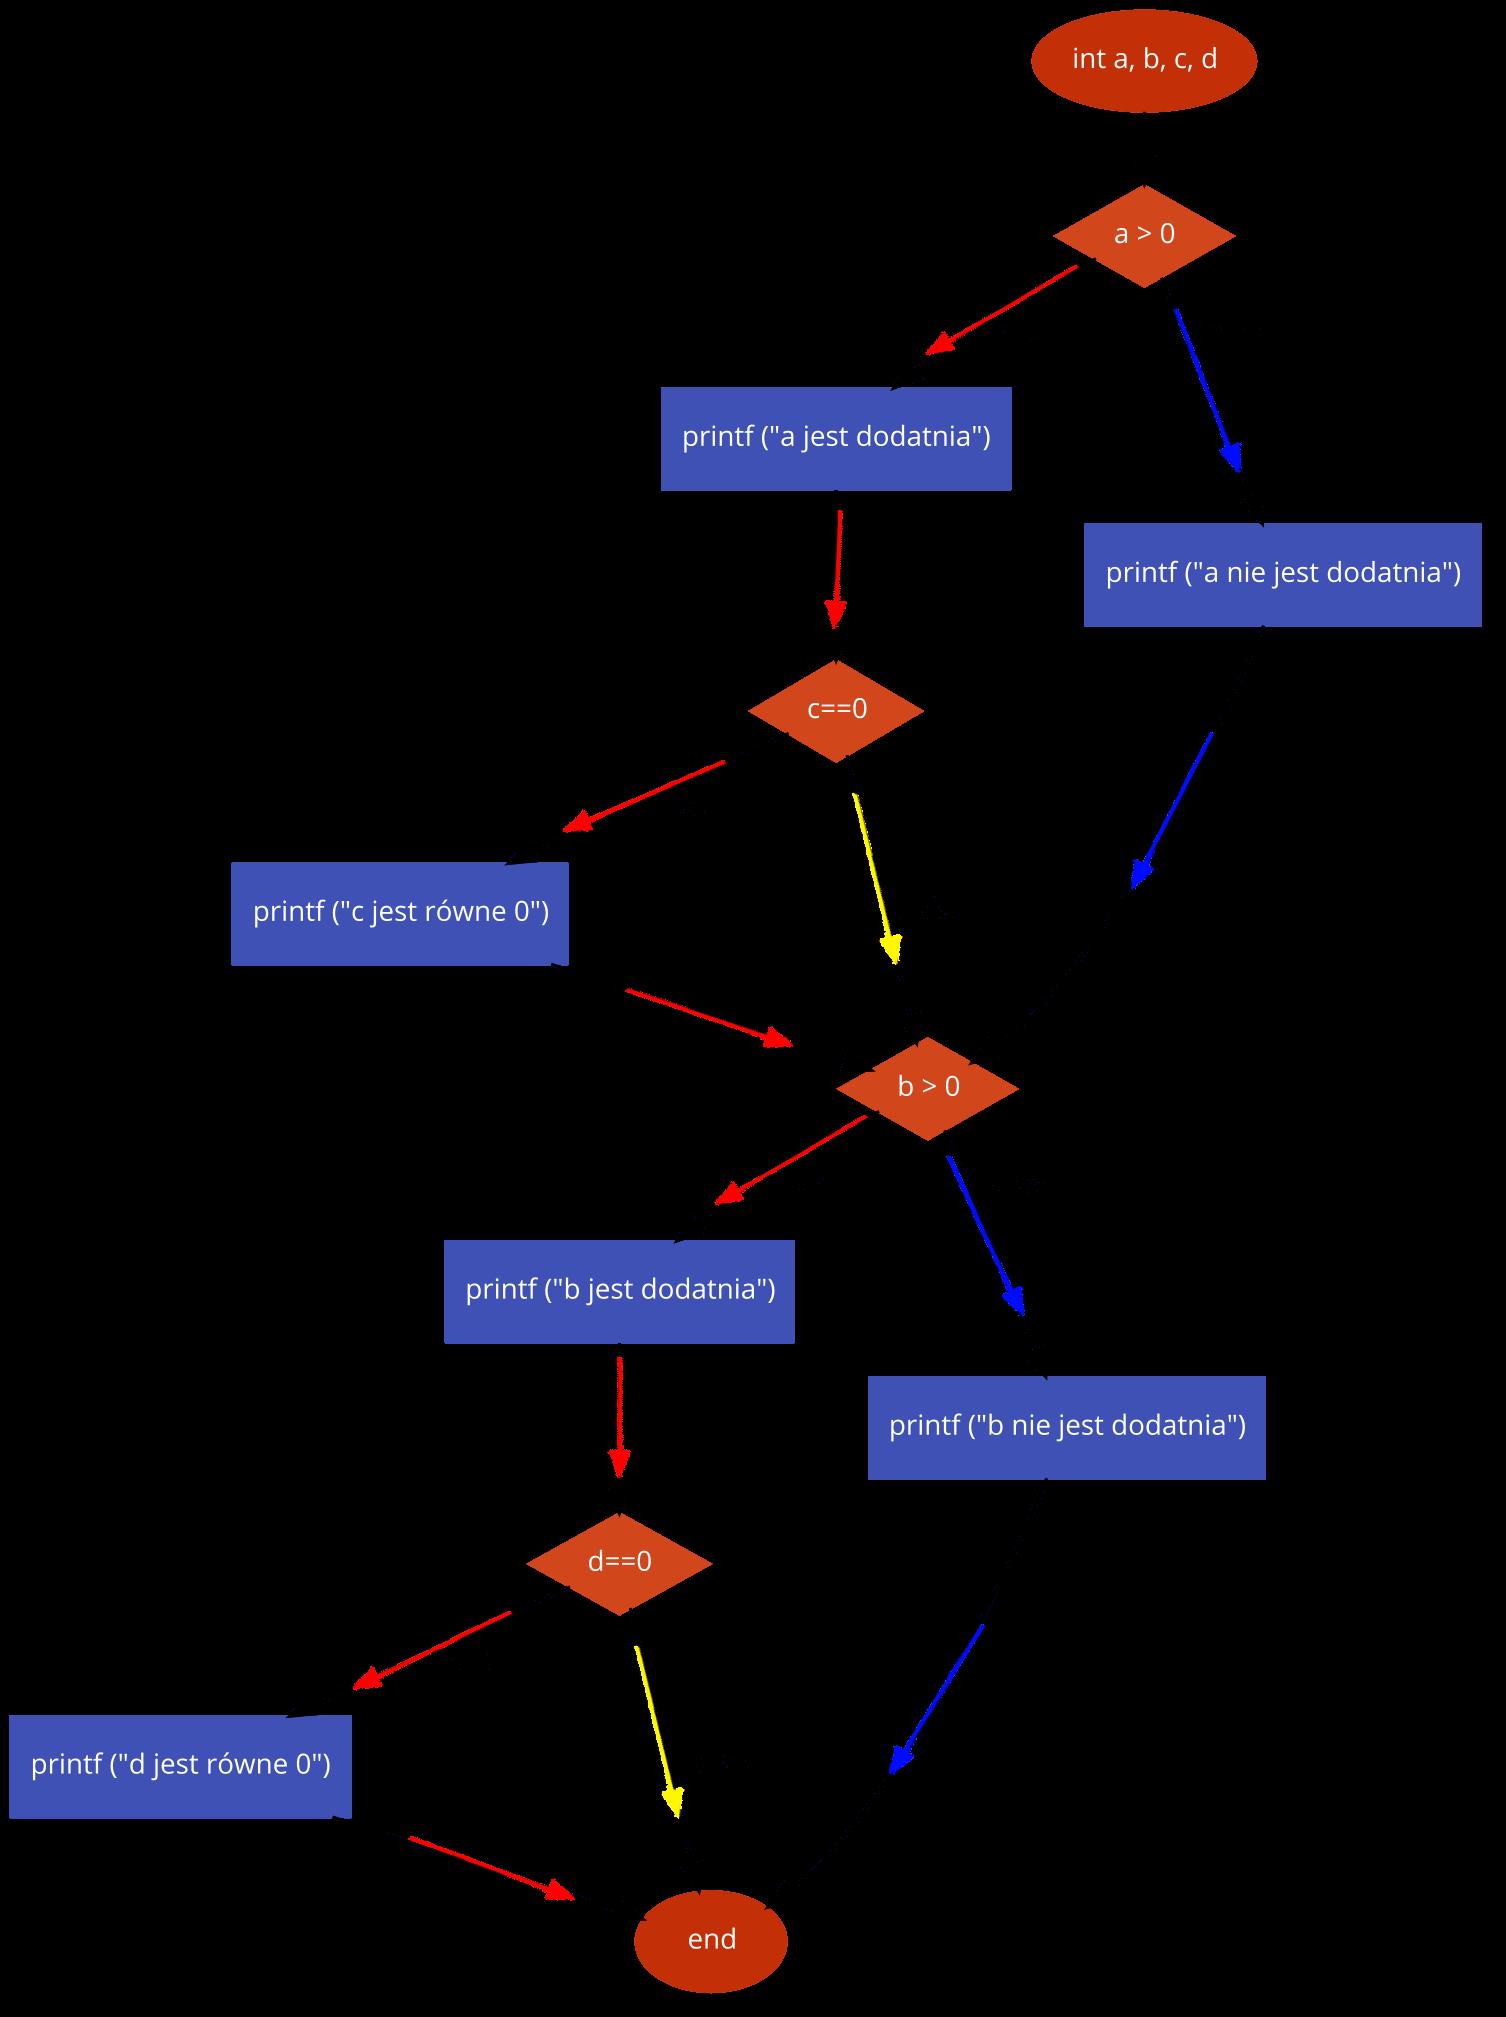 przyk2 testowanie decyzji Testing.png - Tworzenie schematów blokowych i pseudokodu wspomagane narzędziami